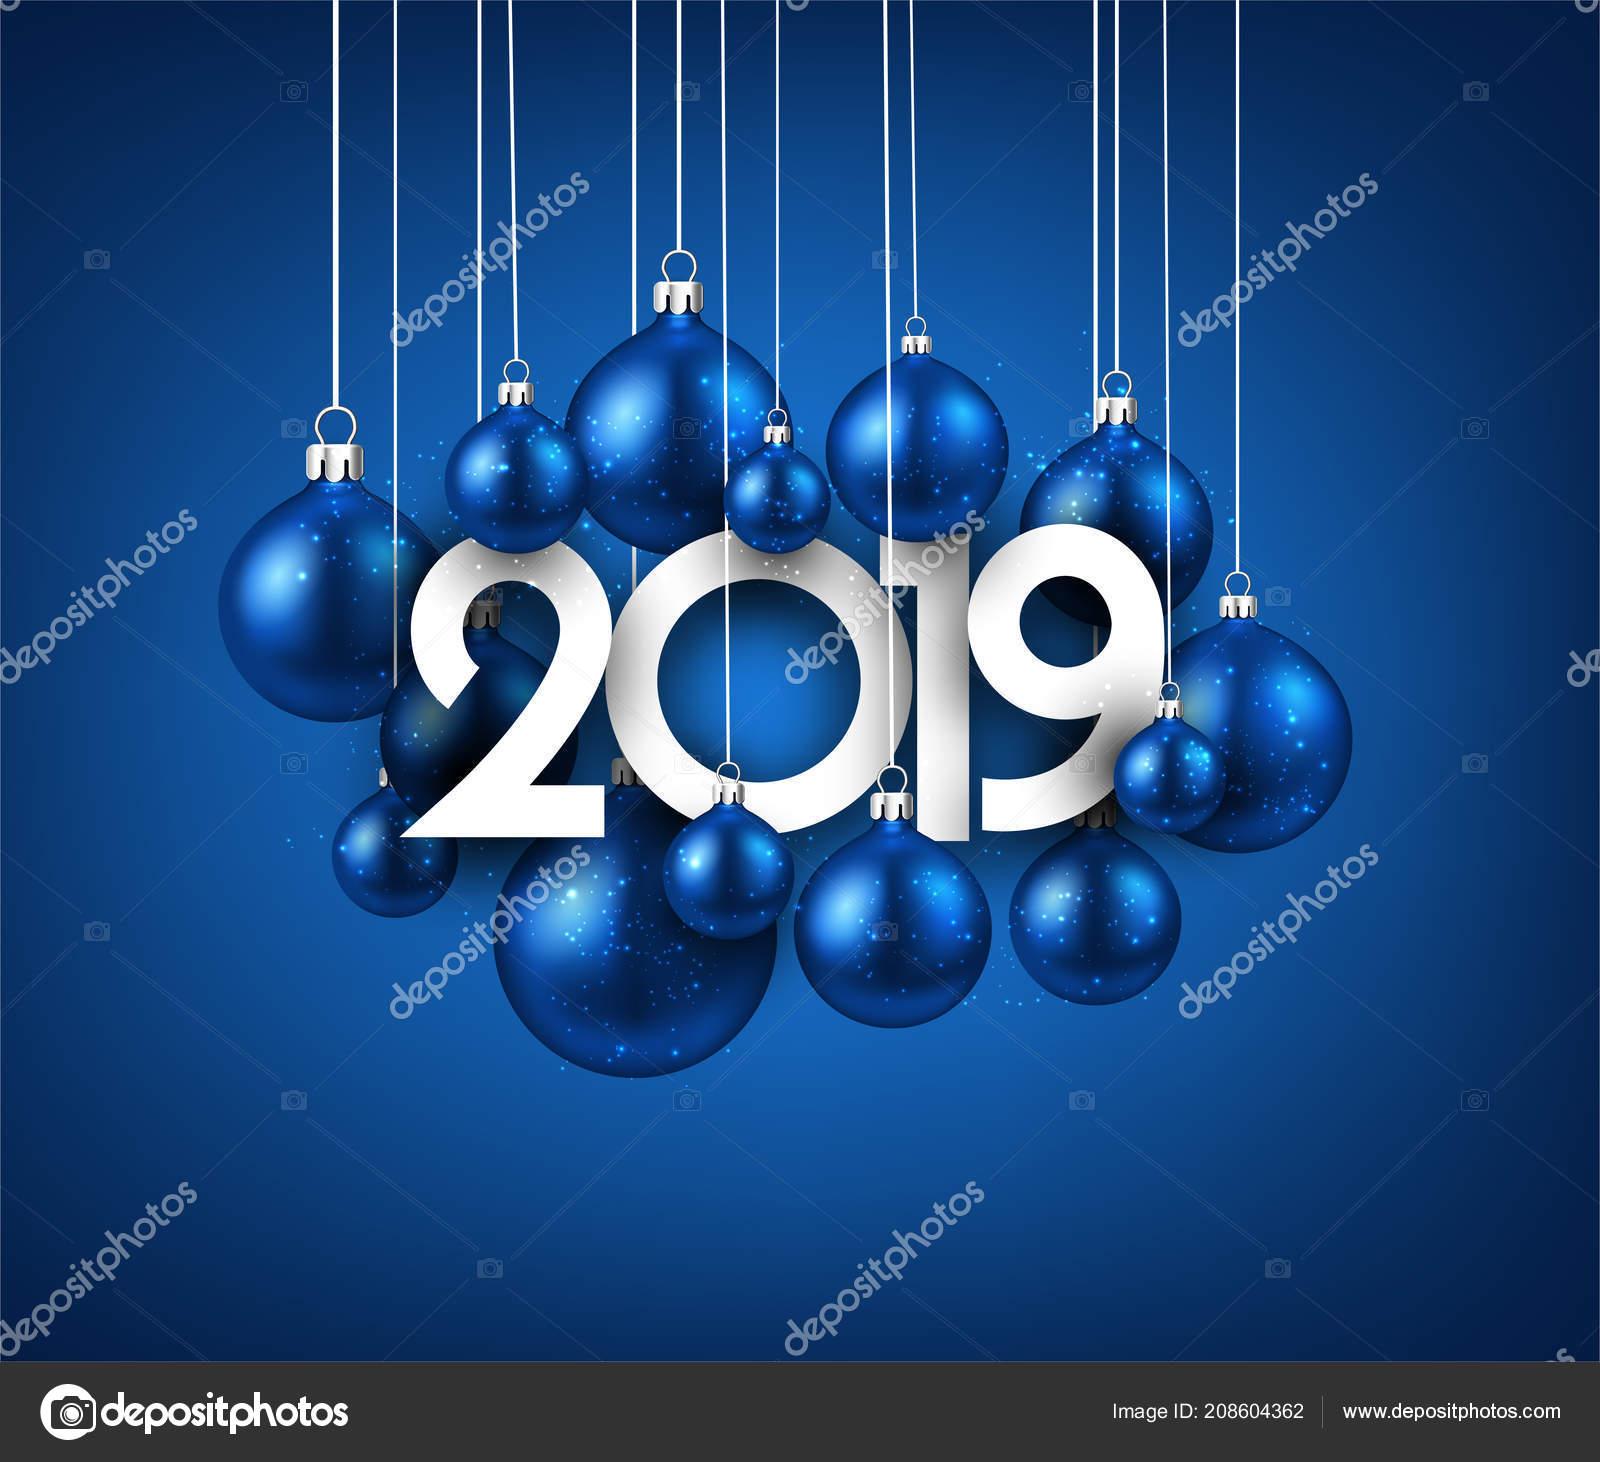 Azul 2019 Año Nuevo Fondo Con Bolas Navidad Fiesta